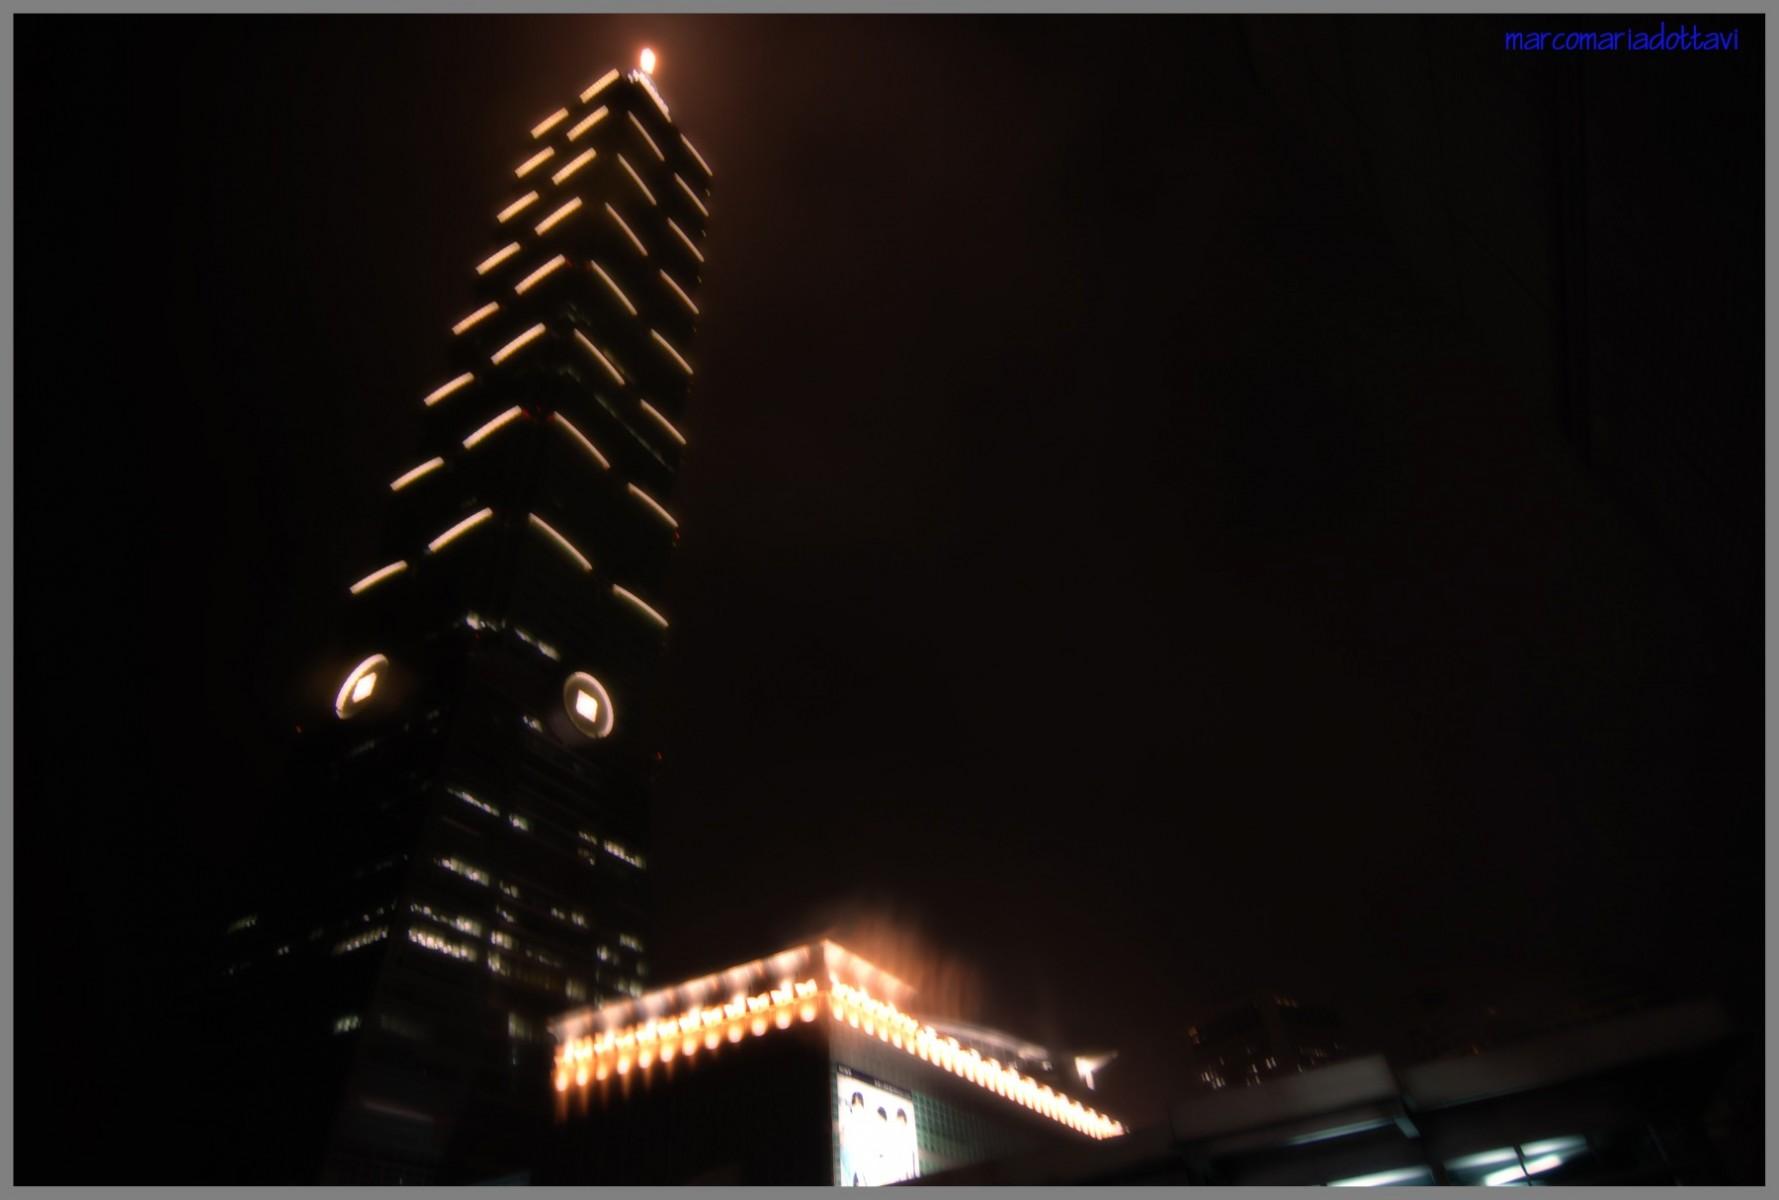 4942308 Taipei 101 0098